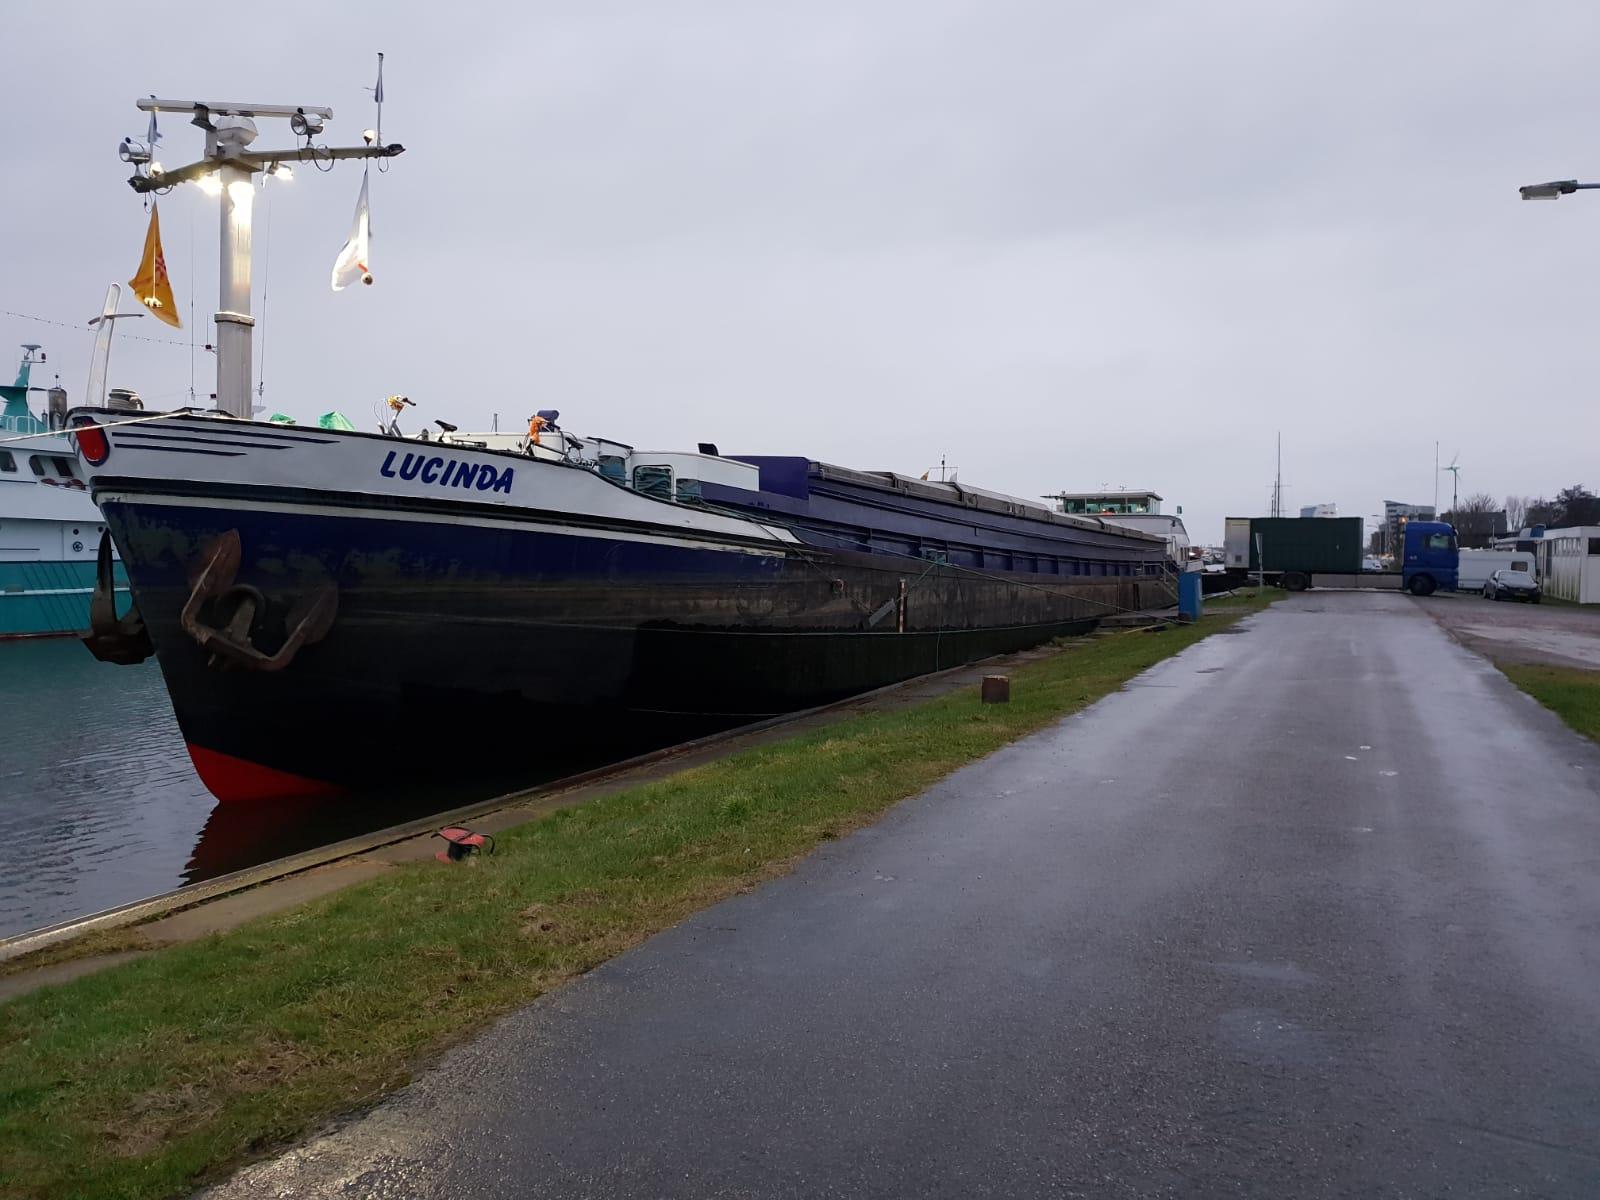 Mondial Oostland Verhuizingen verzorgt verhuizing en opslag vanaf een binnenvaartschip